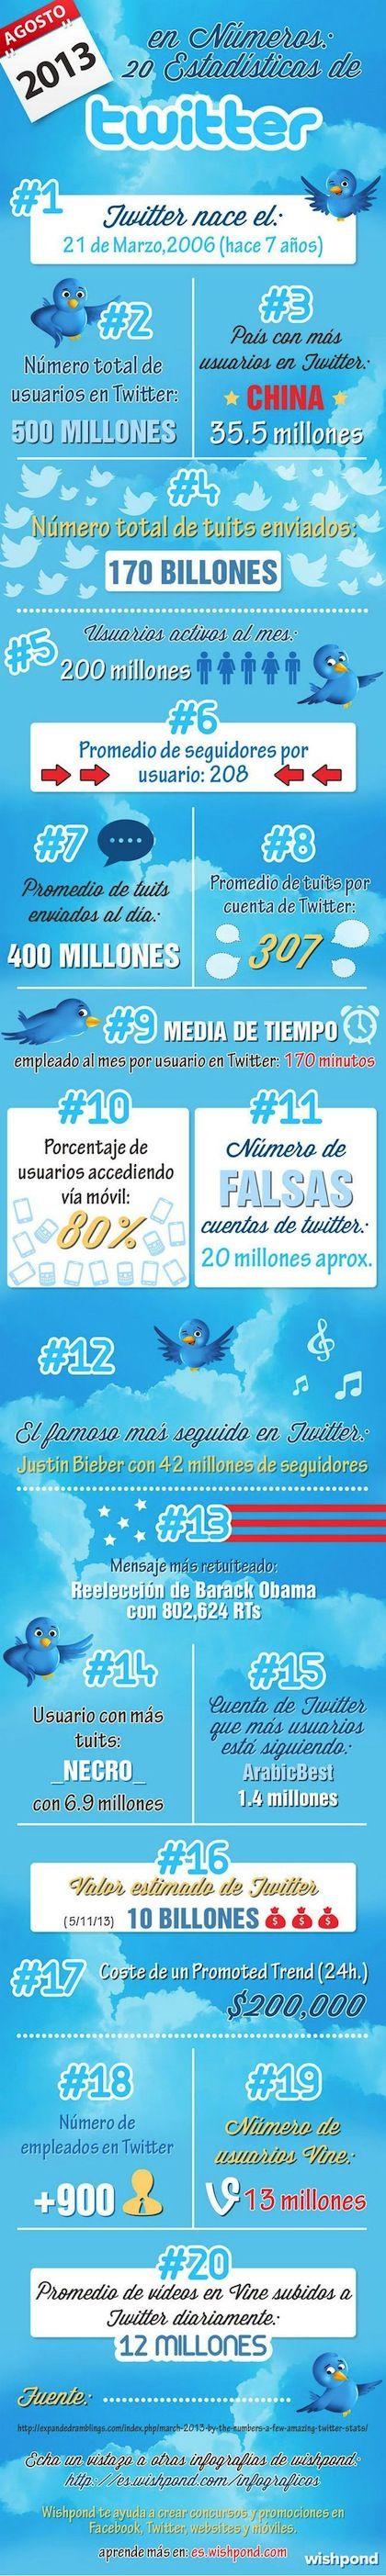 Twitter Estadisticas Agosto 2013